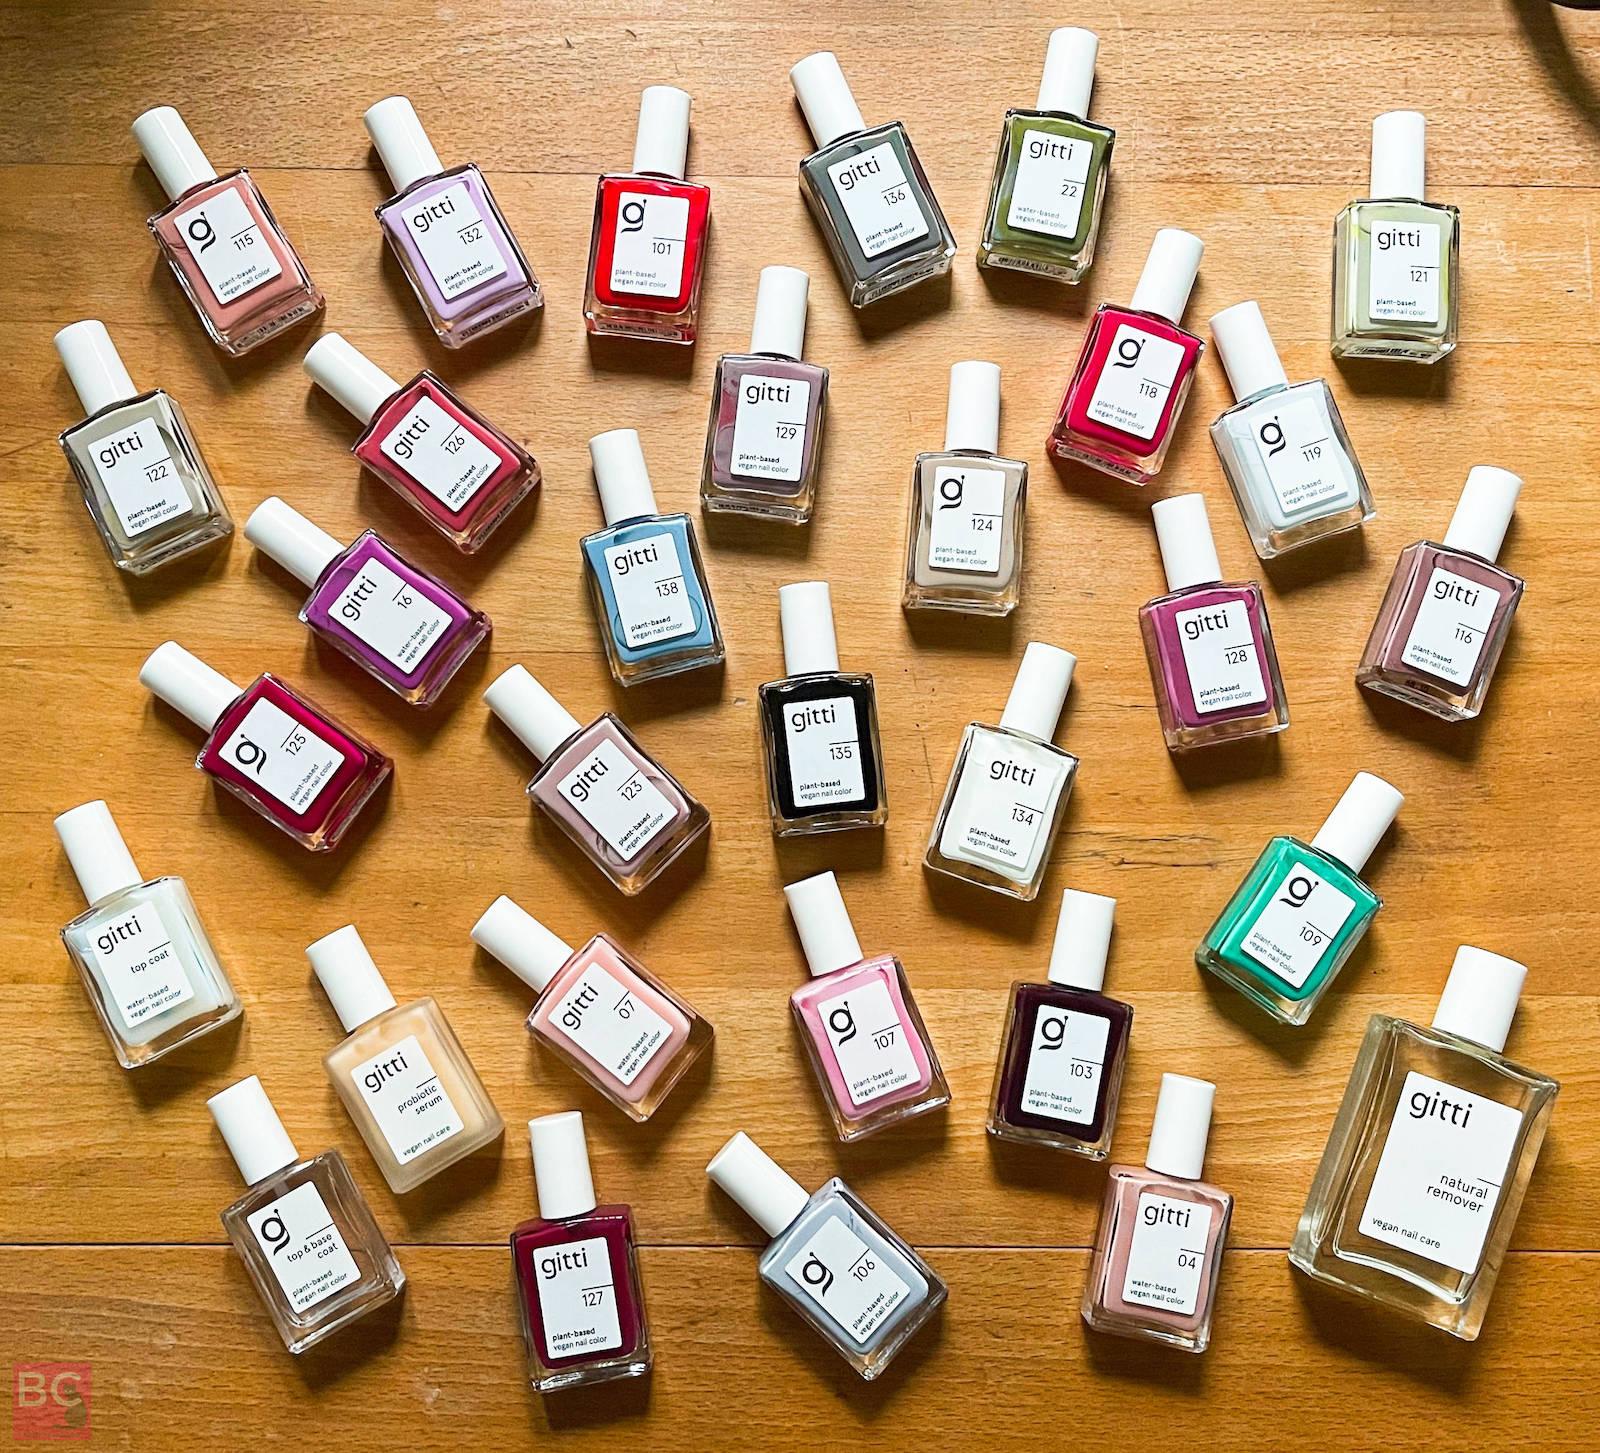 Gitti Nagellack Erfahrungen Farben Auswahl Nagellfarben vegan pflanzlich Wasserbasis